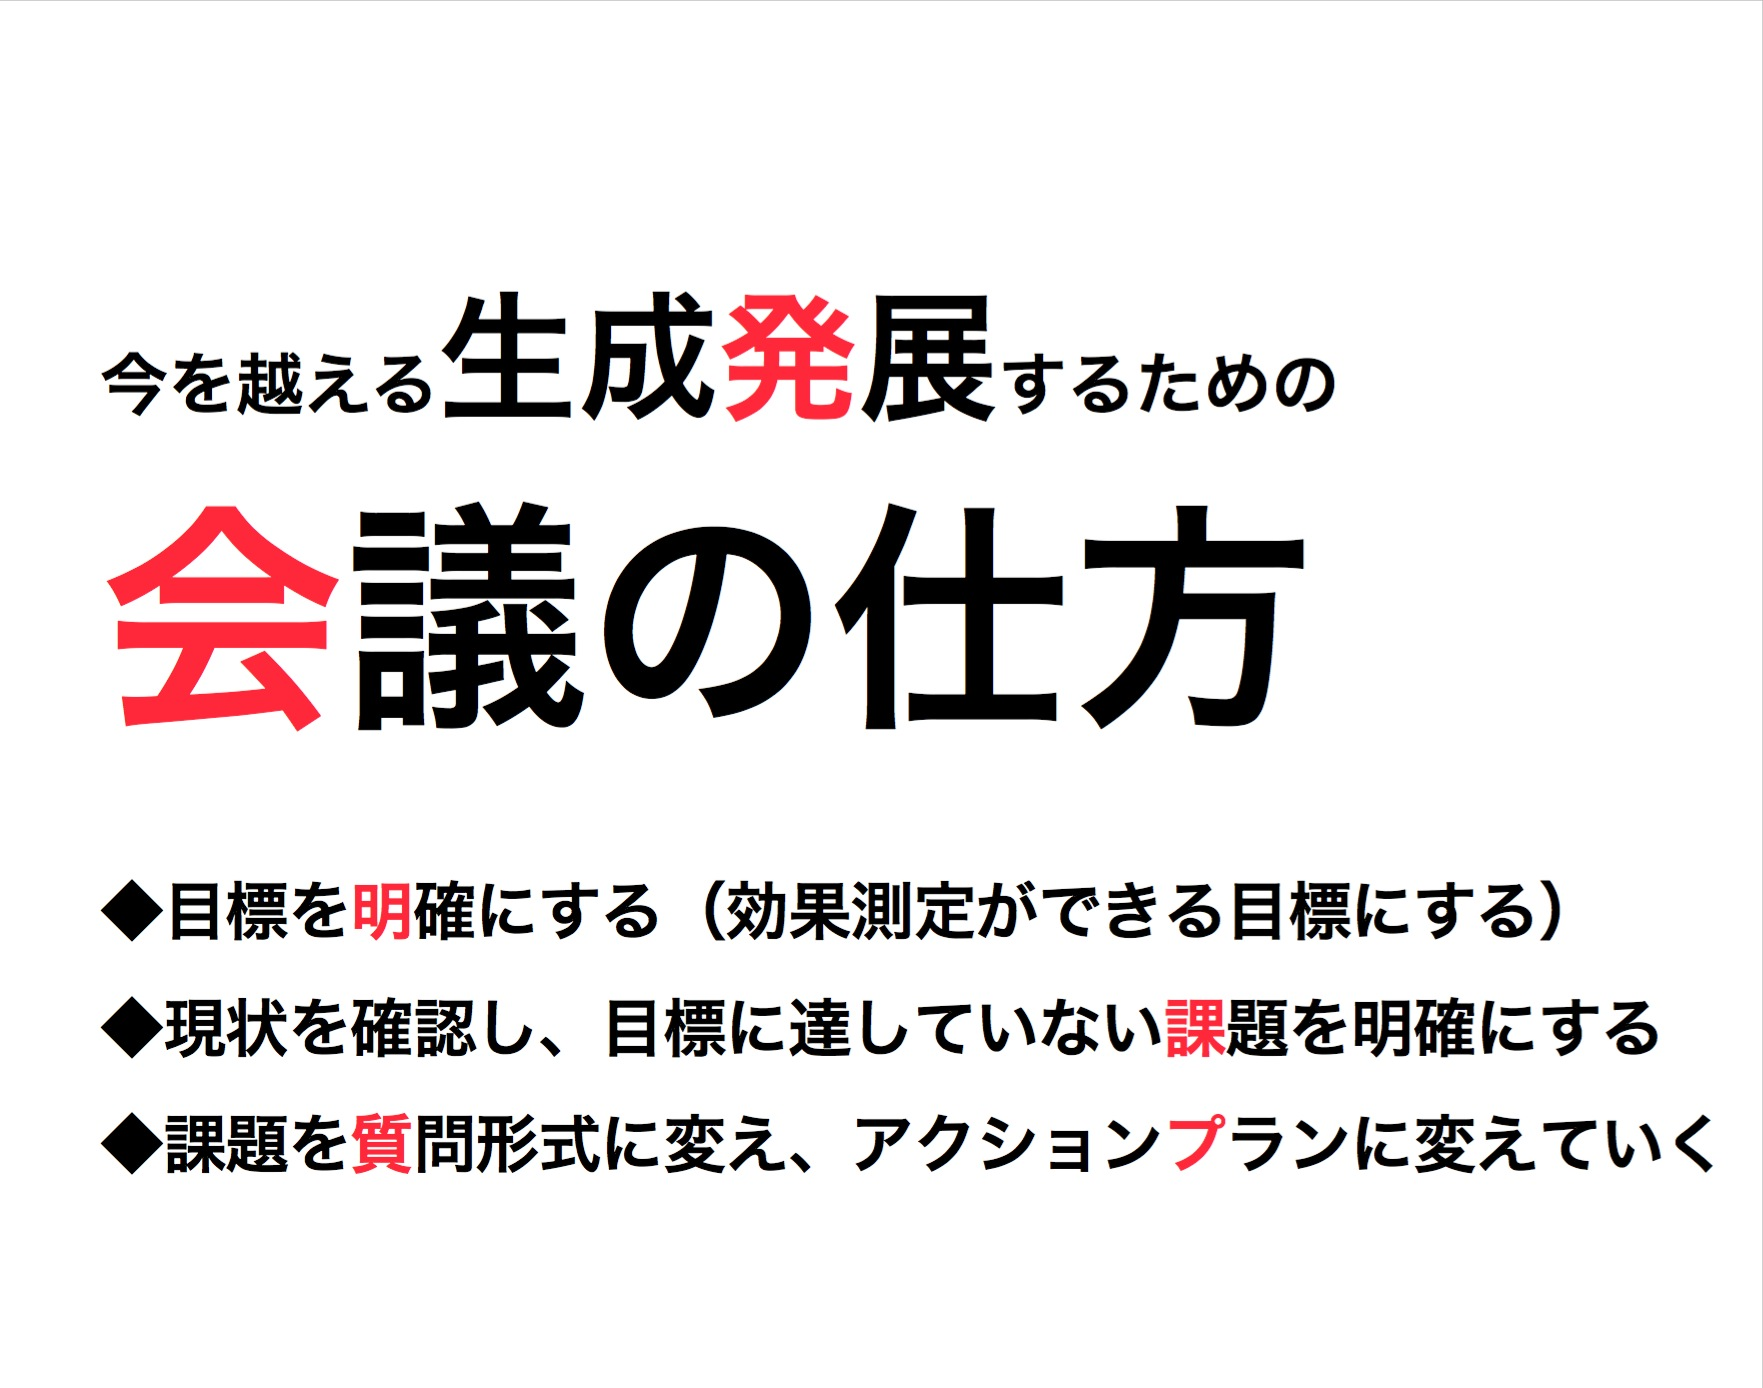 2012年12月ビジネスサークル『越す』~ 今を越える、生成発展するための会議の仕方~